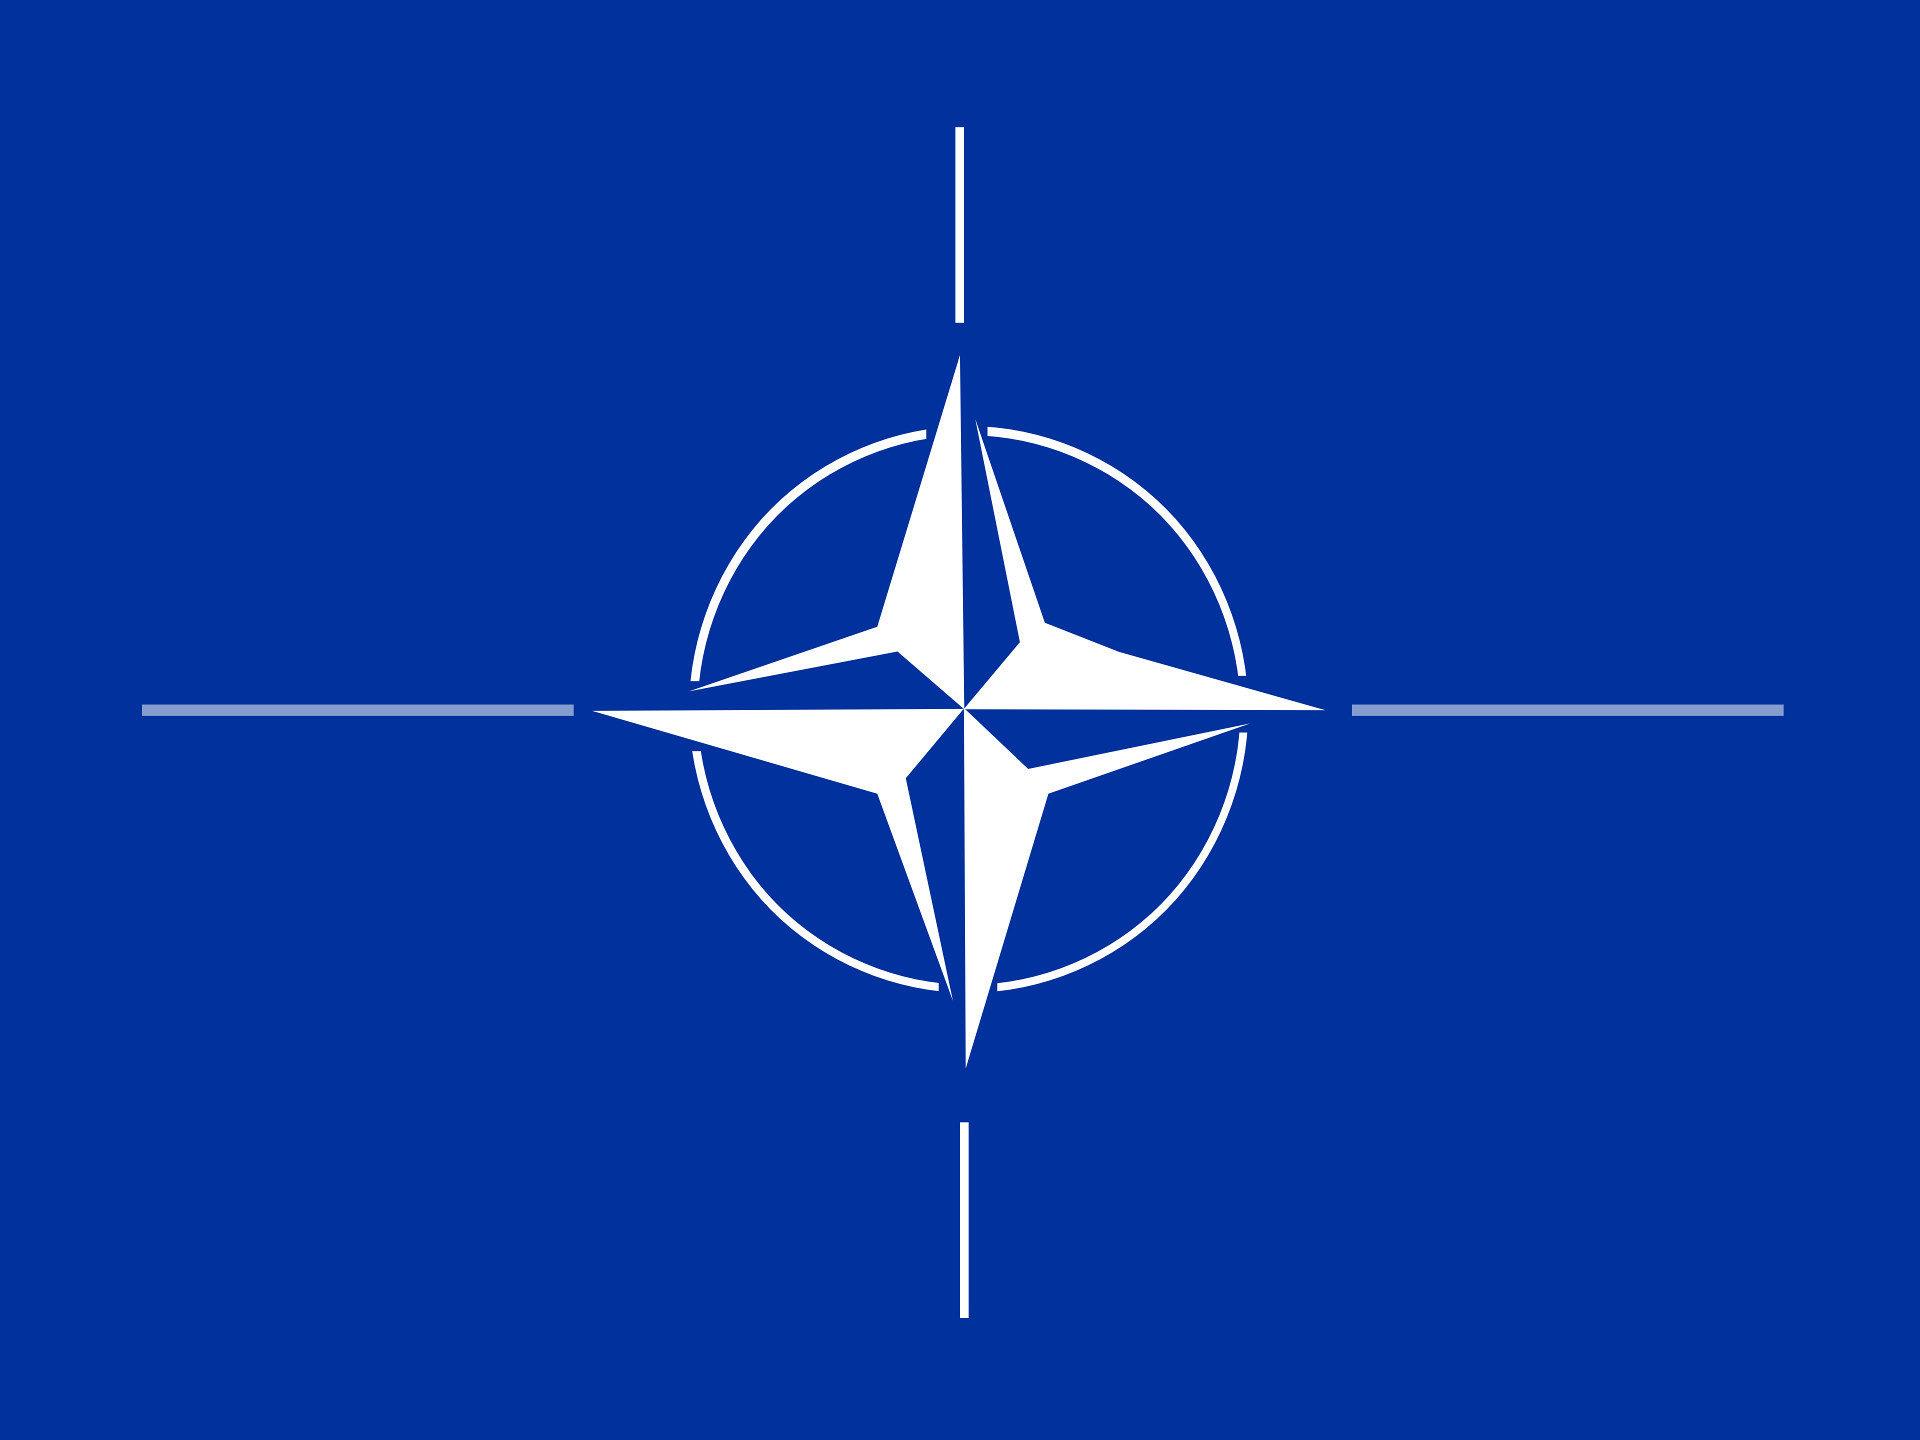 РФ наращивает военную мощь - НАТО